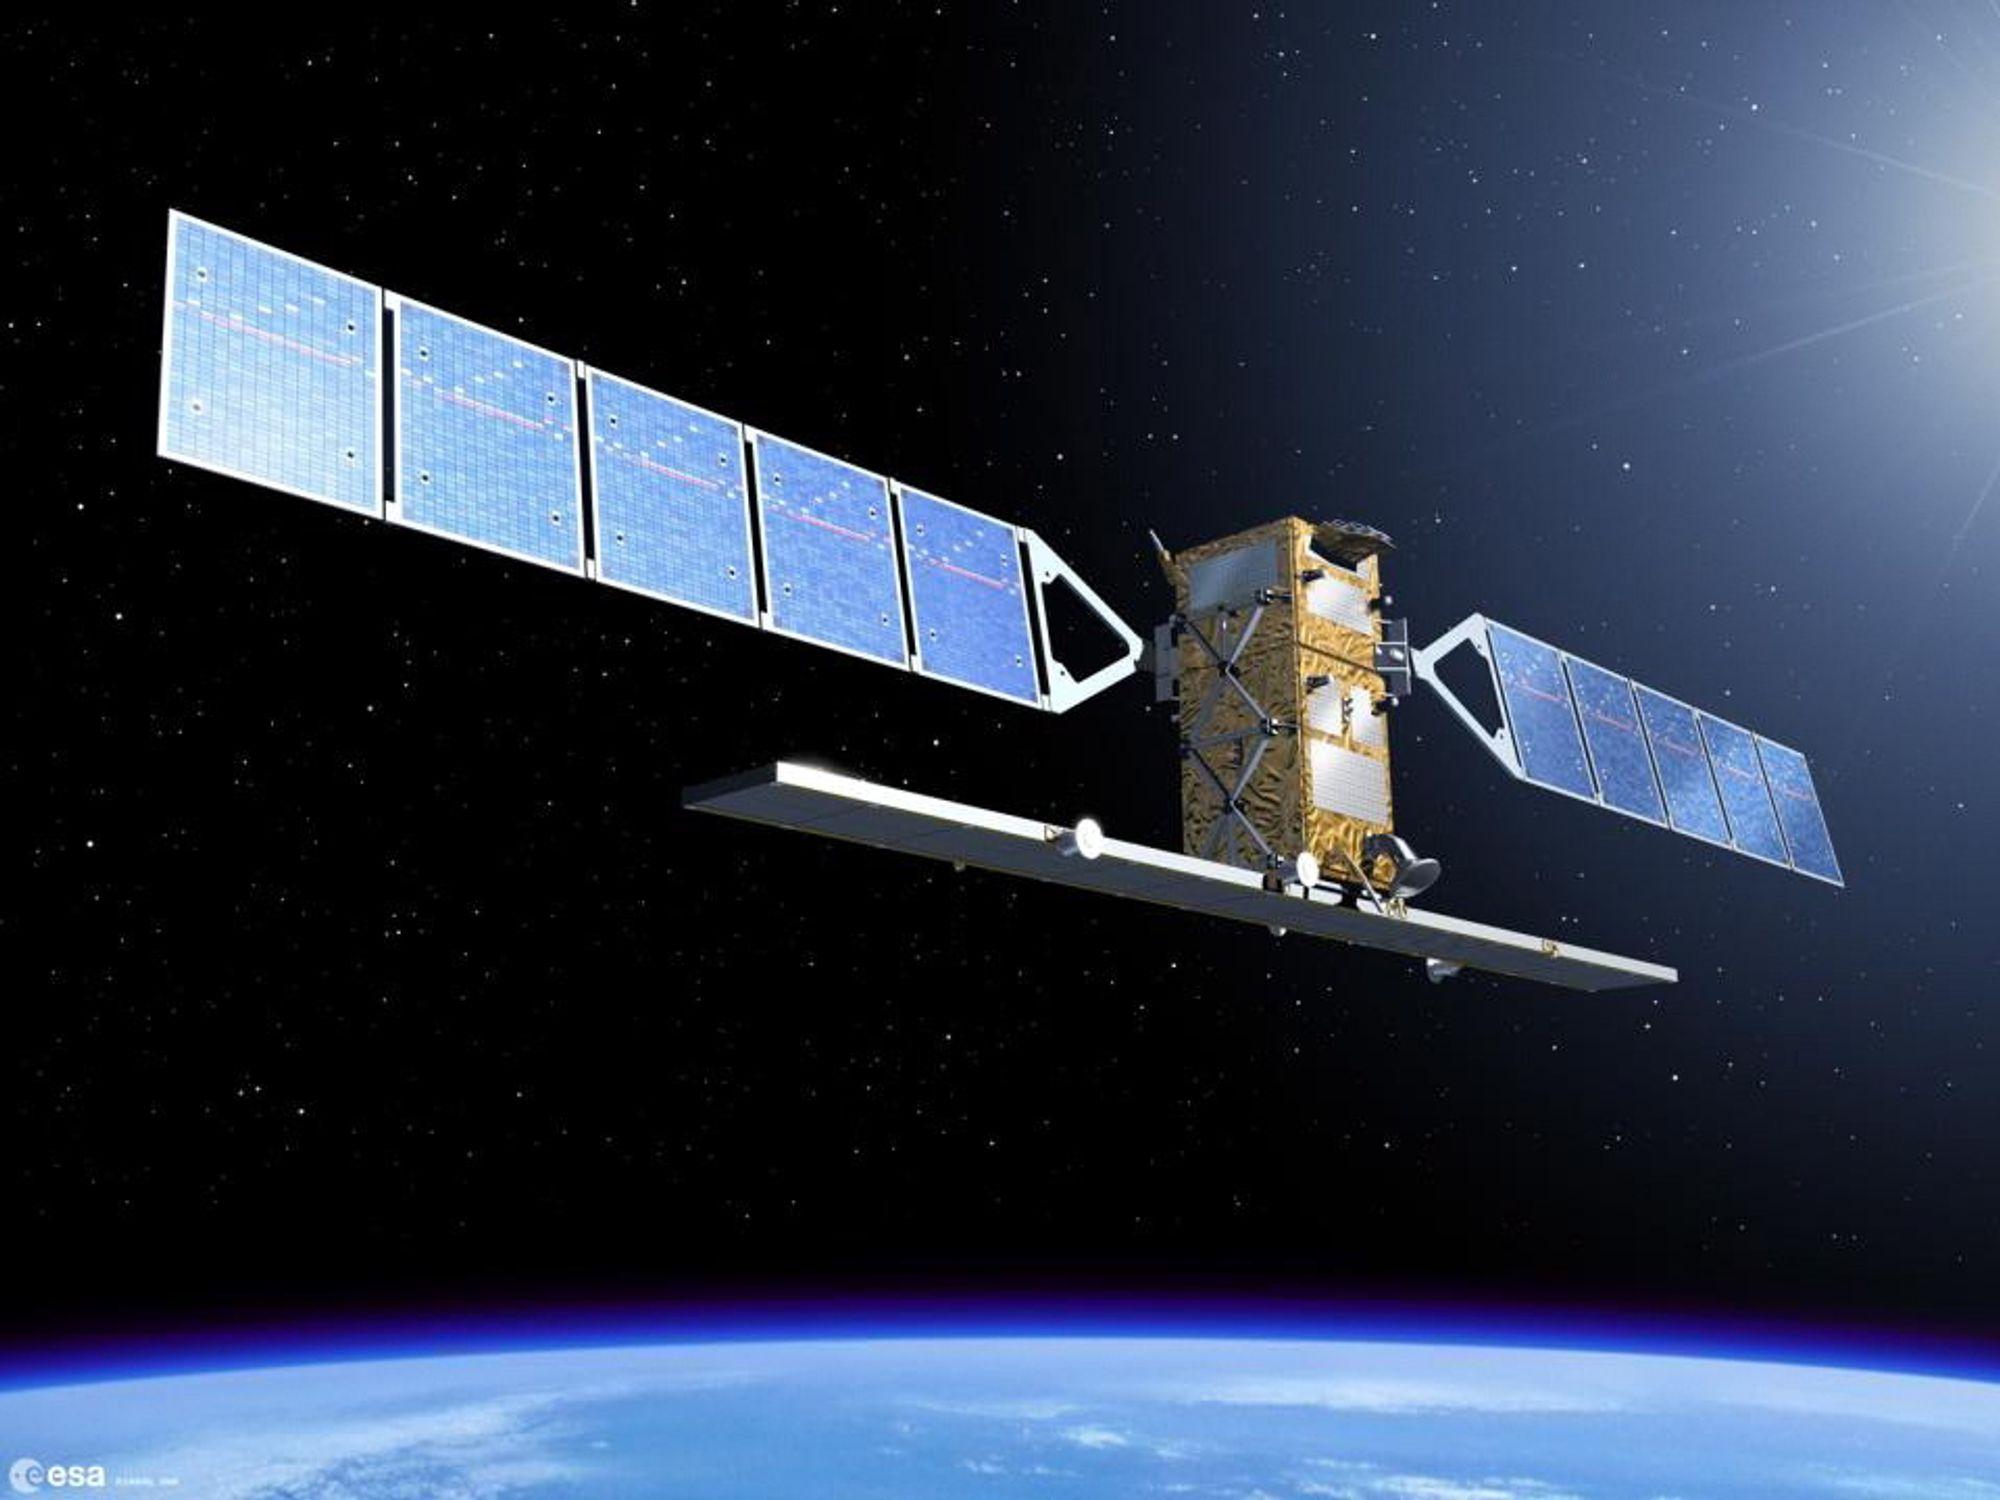 Romradar: Den første satellitten i EUs miljøovervåkningsprogram Copernicus, Sentinel 1a, er allerede skutt opp og produserer data som Meteorologisk Institutt har begynt å bruke til å varsle is i Barentshavet.